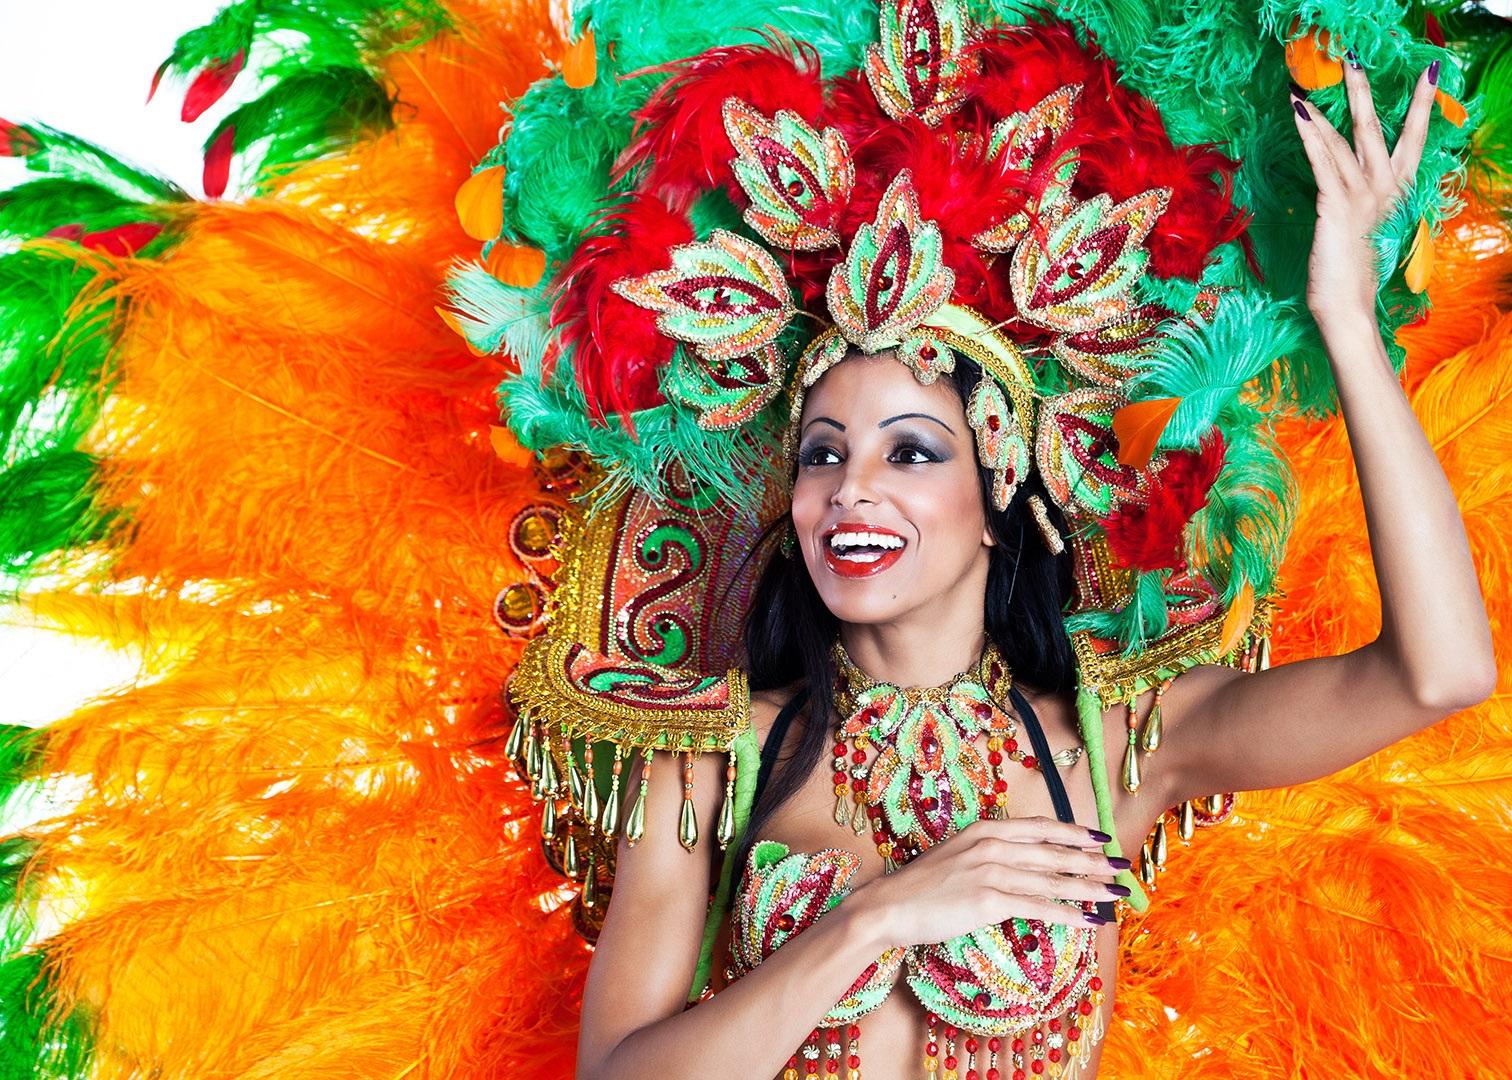 Fotos de disfraces de carnaval 2013 73